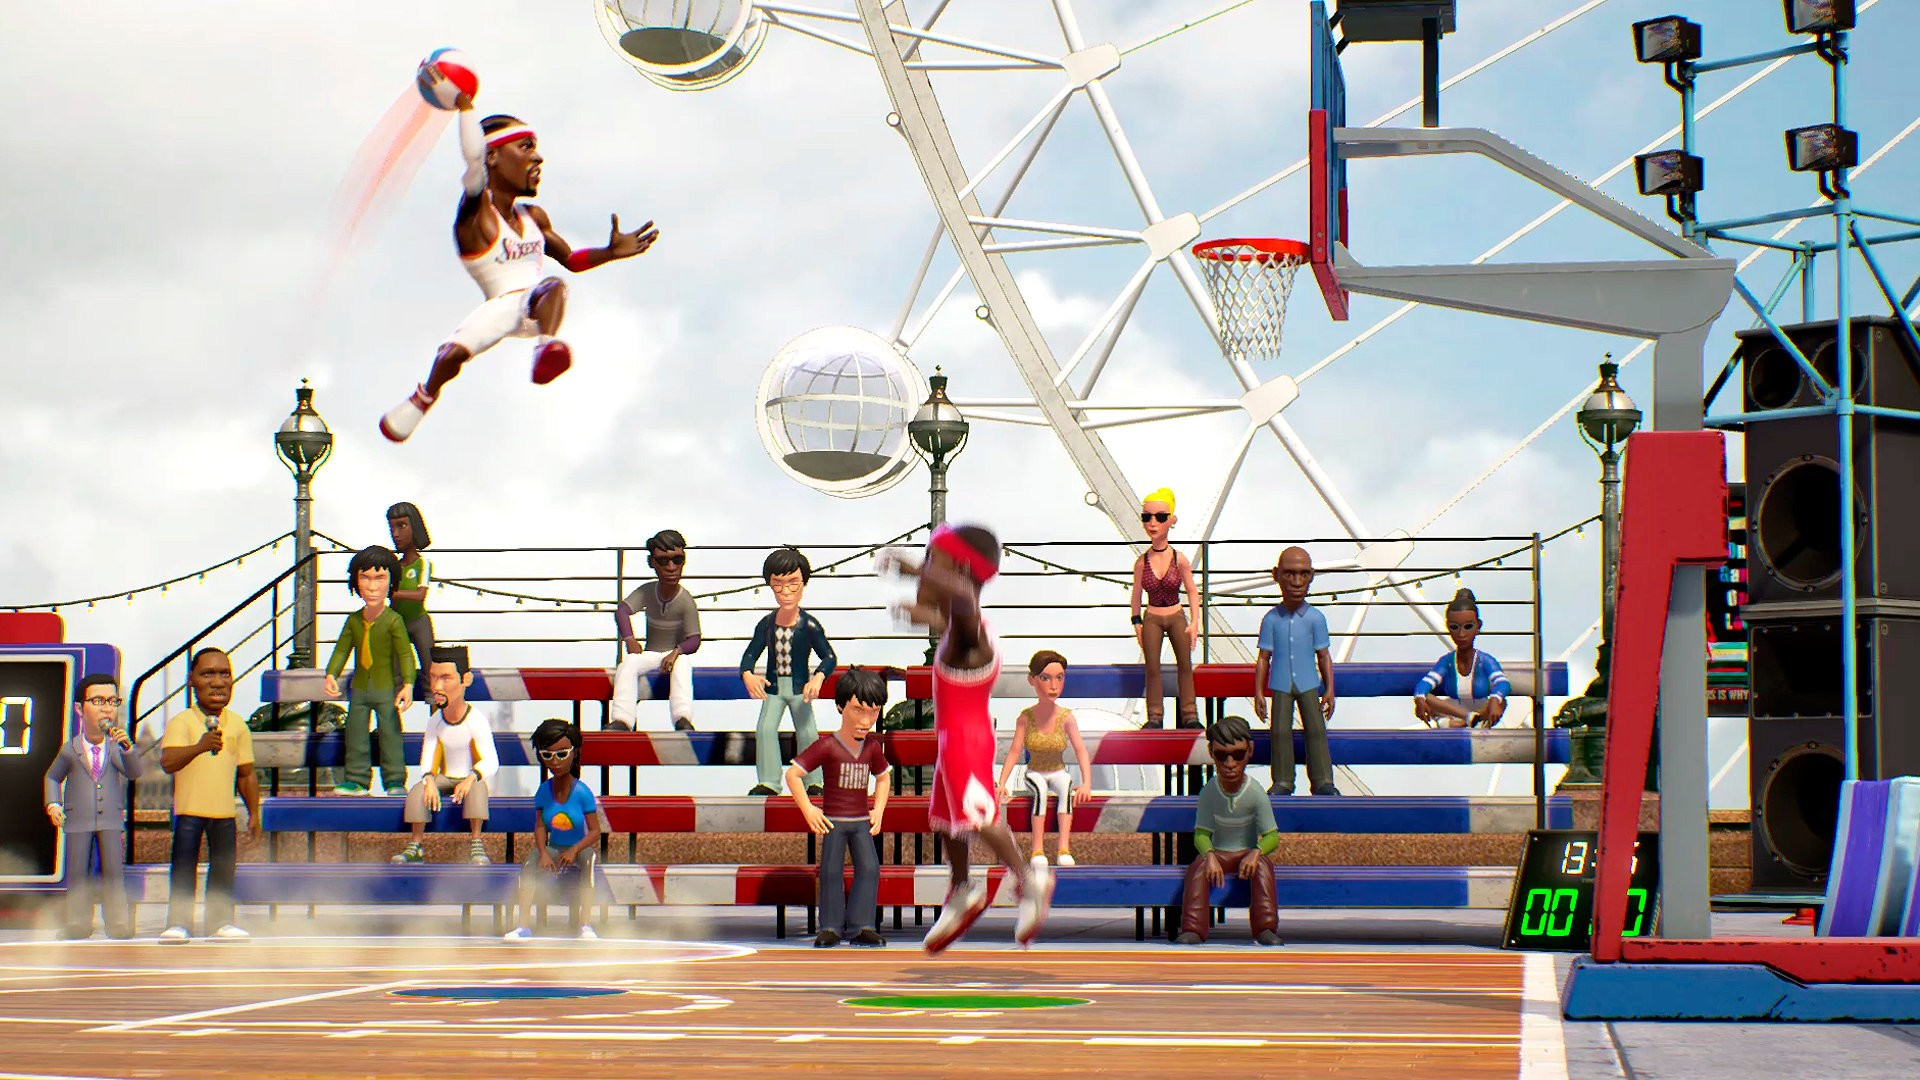 NBA Playgrounds V1.1 Basketball For PC